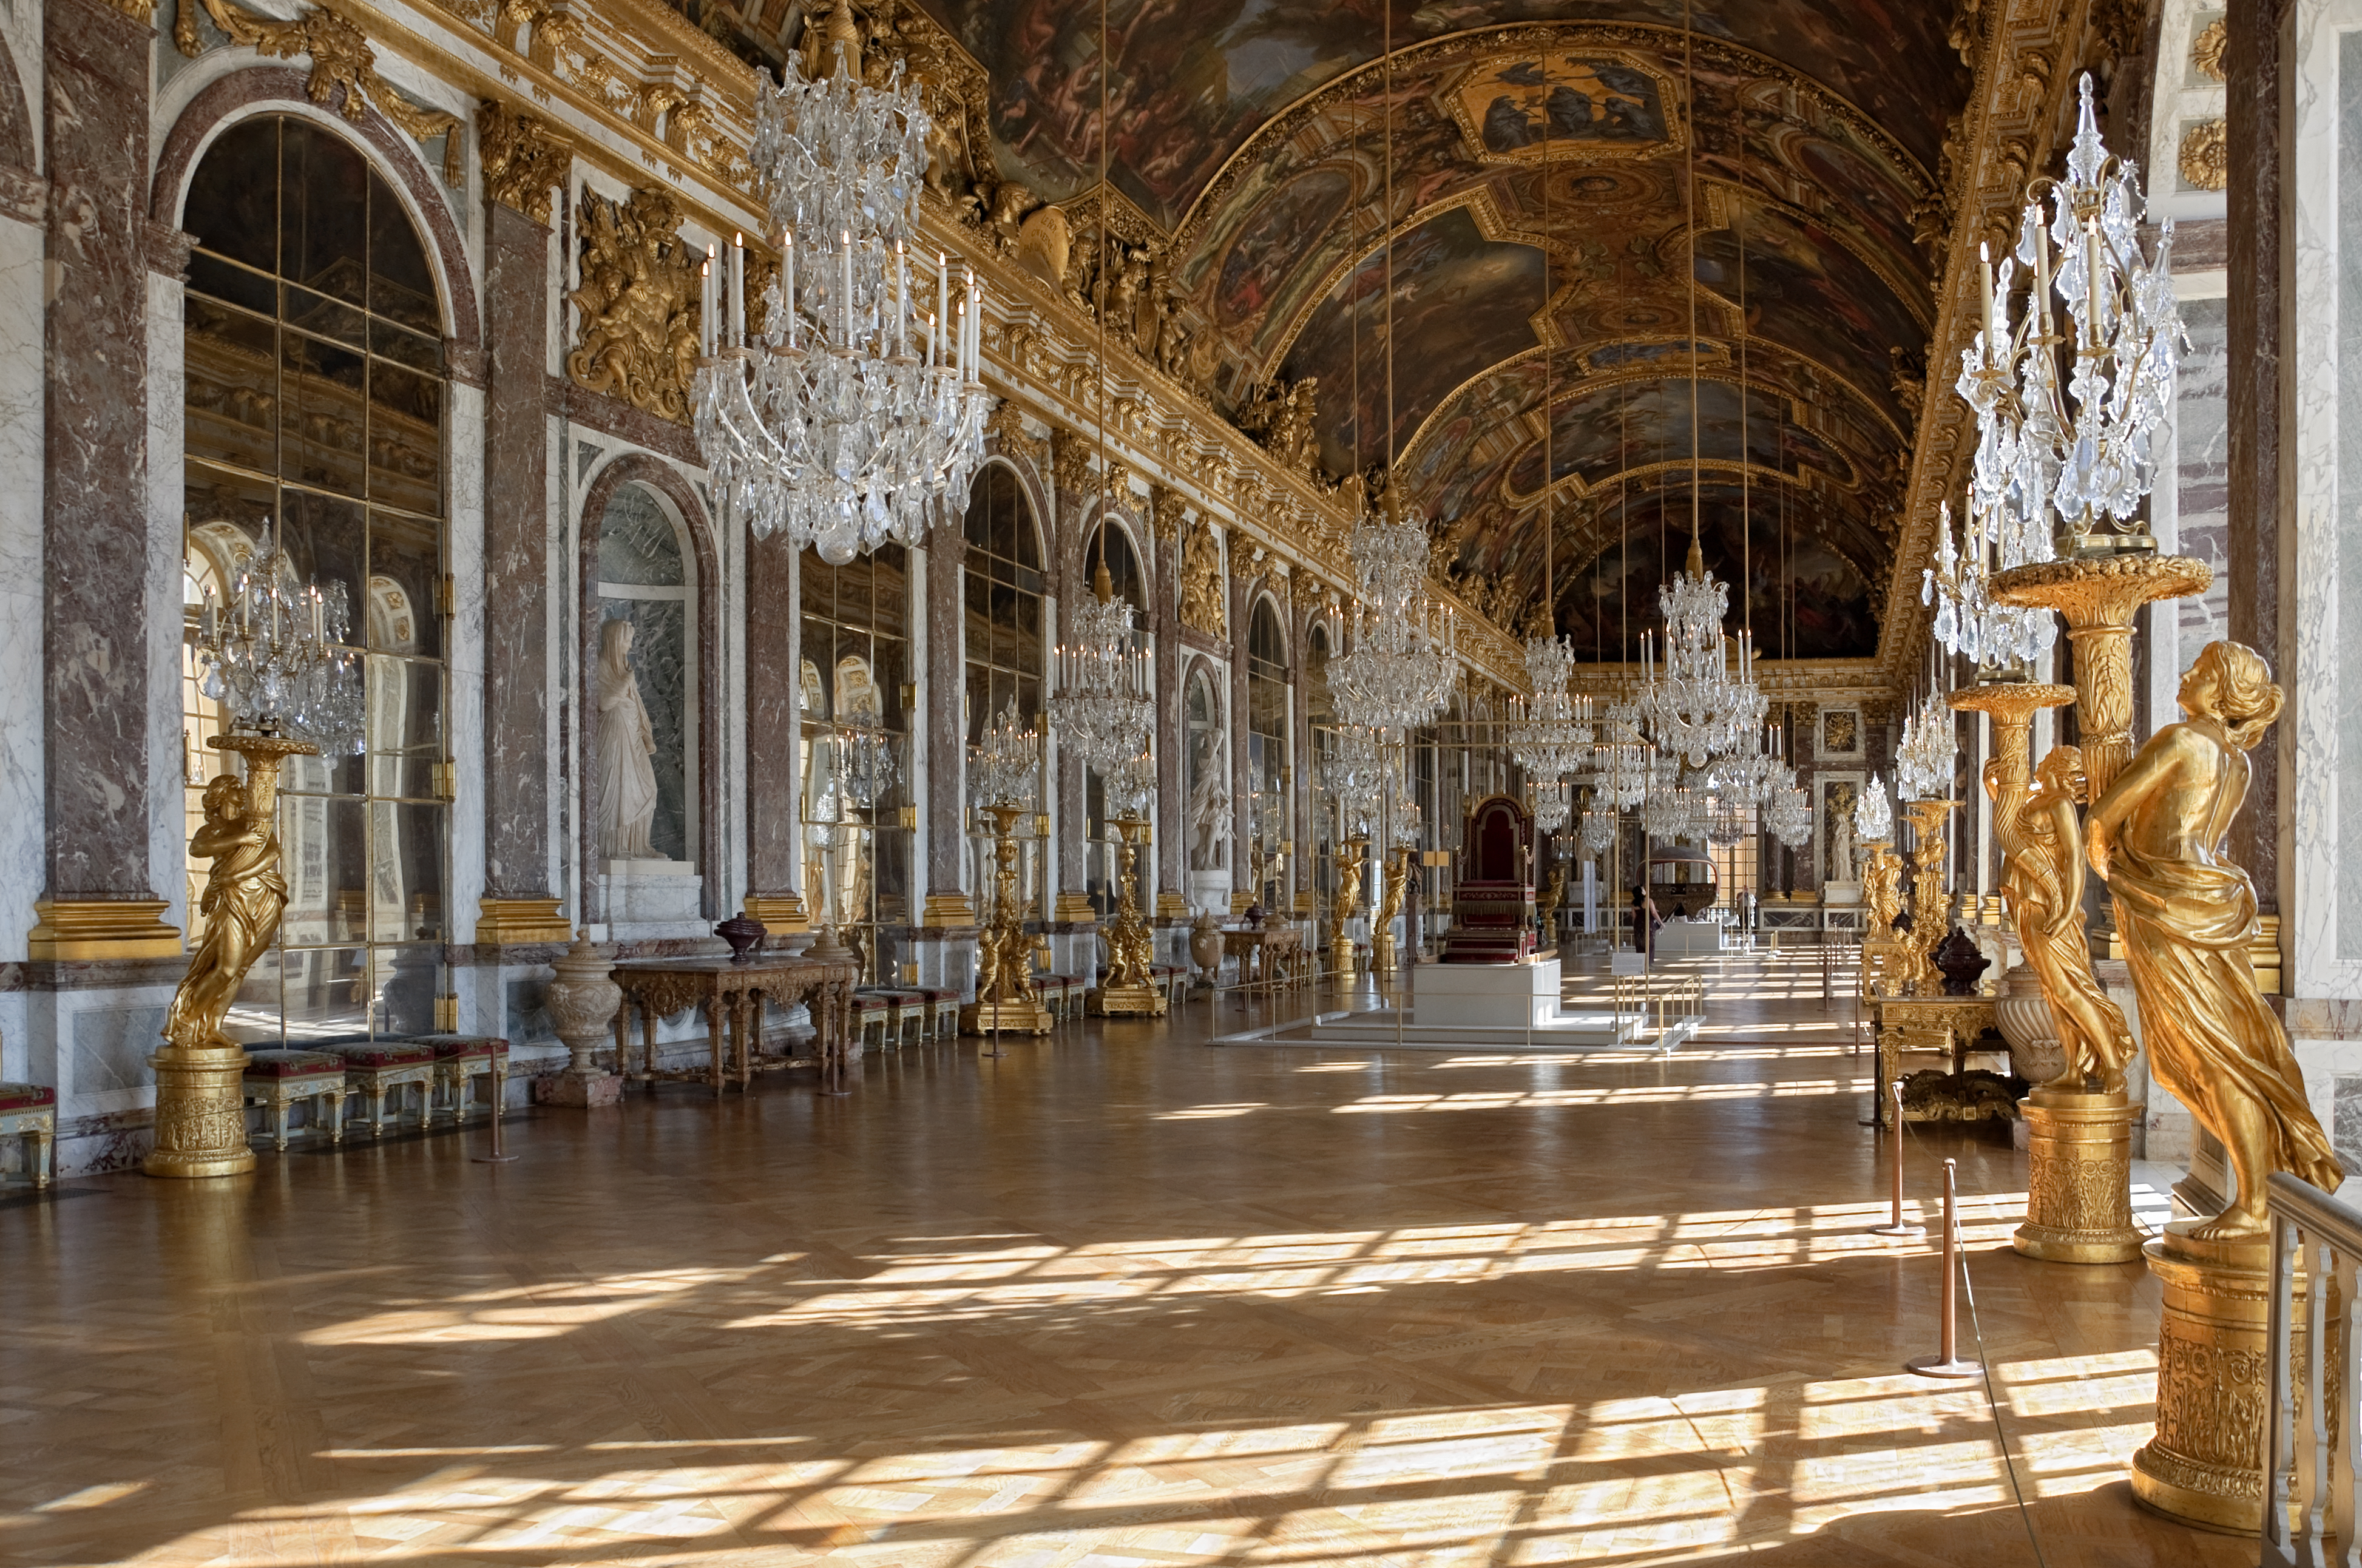 Chateau_Versailles_Galerie_des_Glaces.jp